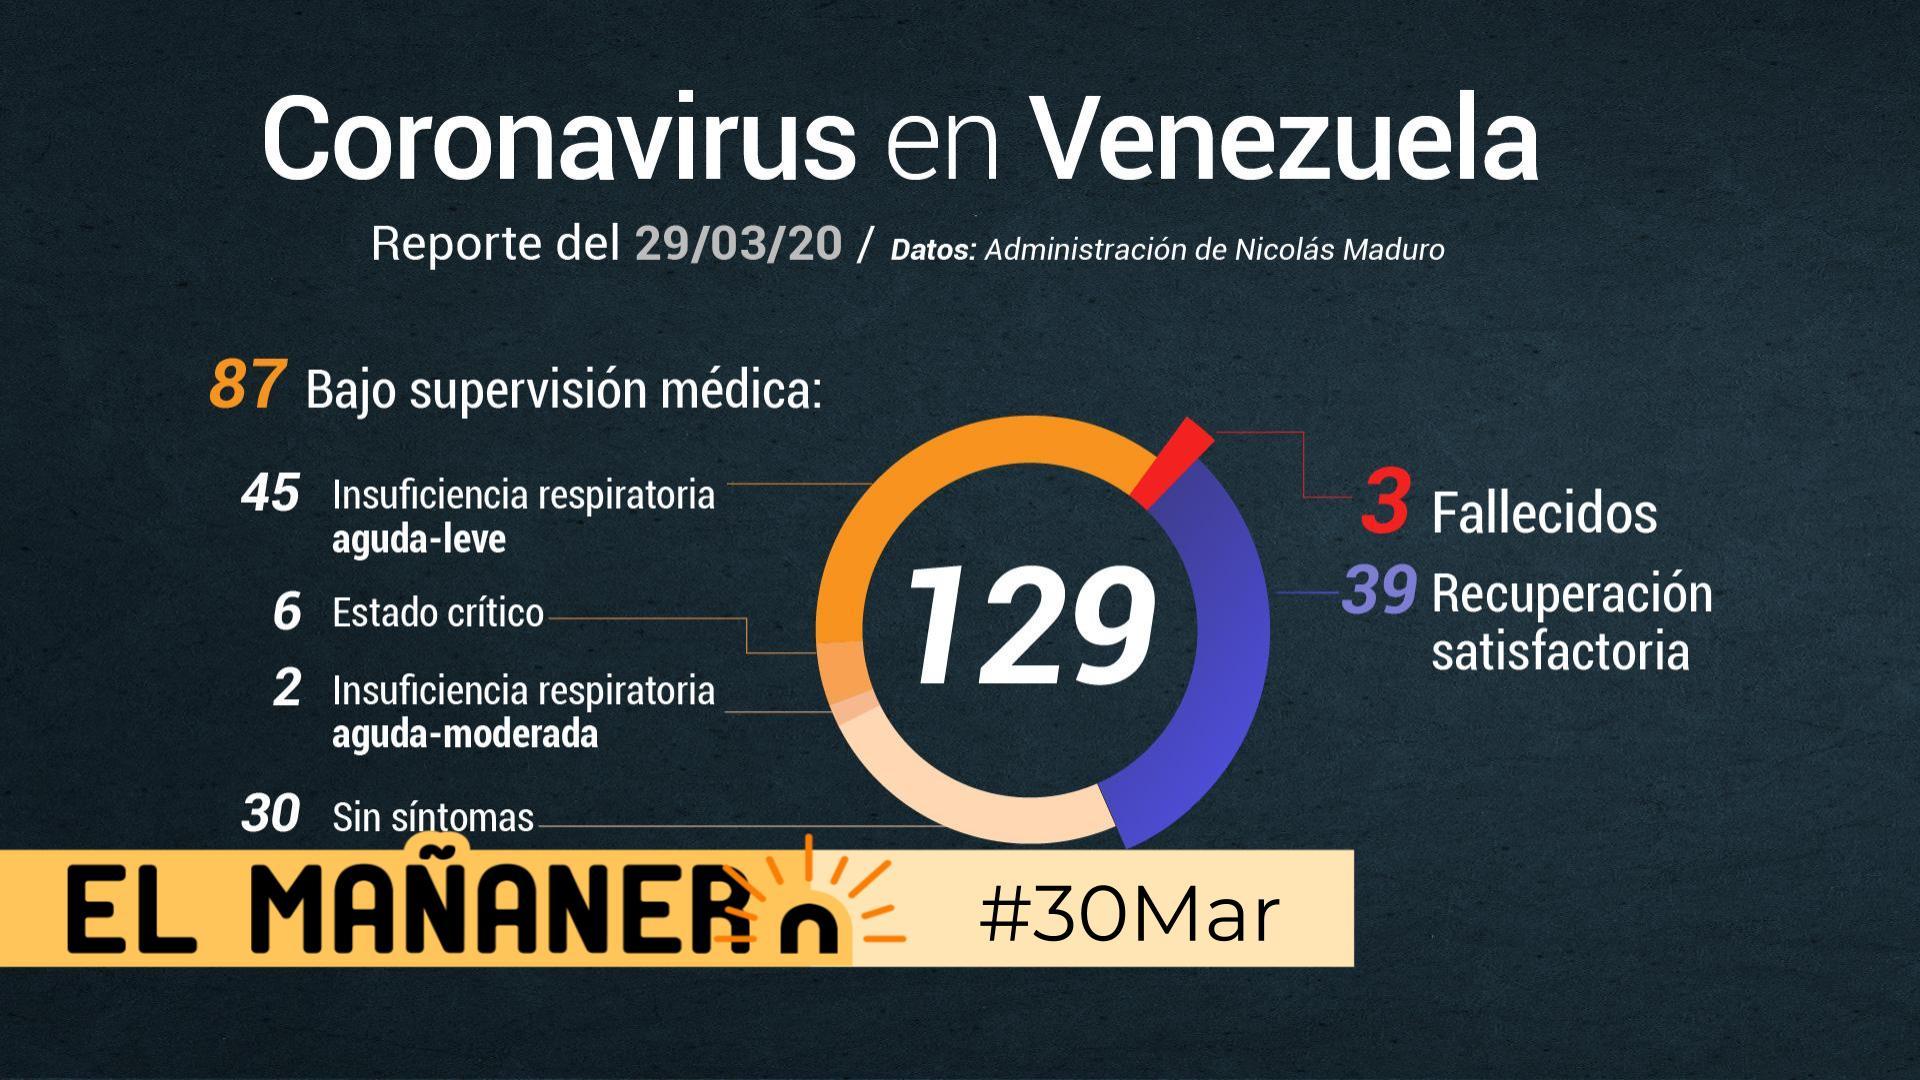 El Mañanero de hoy #30Mar: Las 8 noticias que debes saber